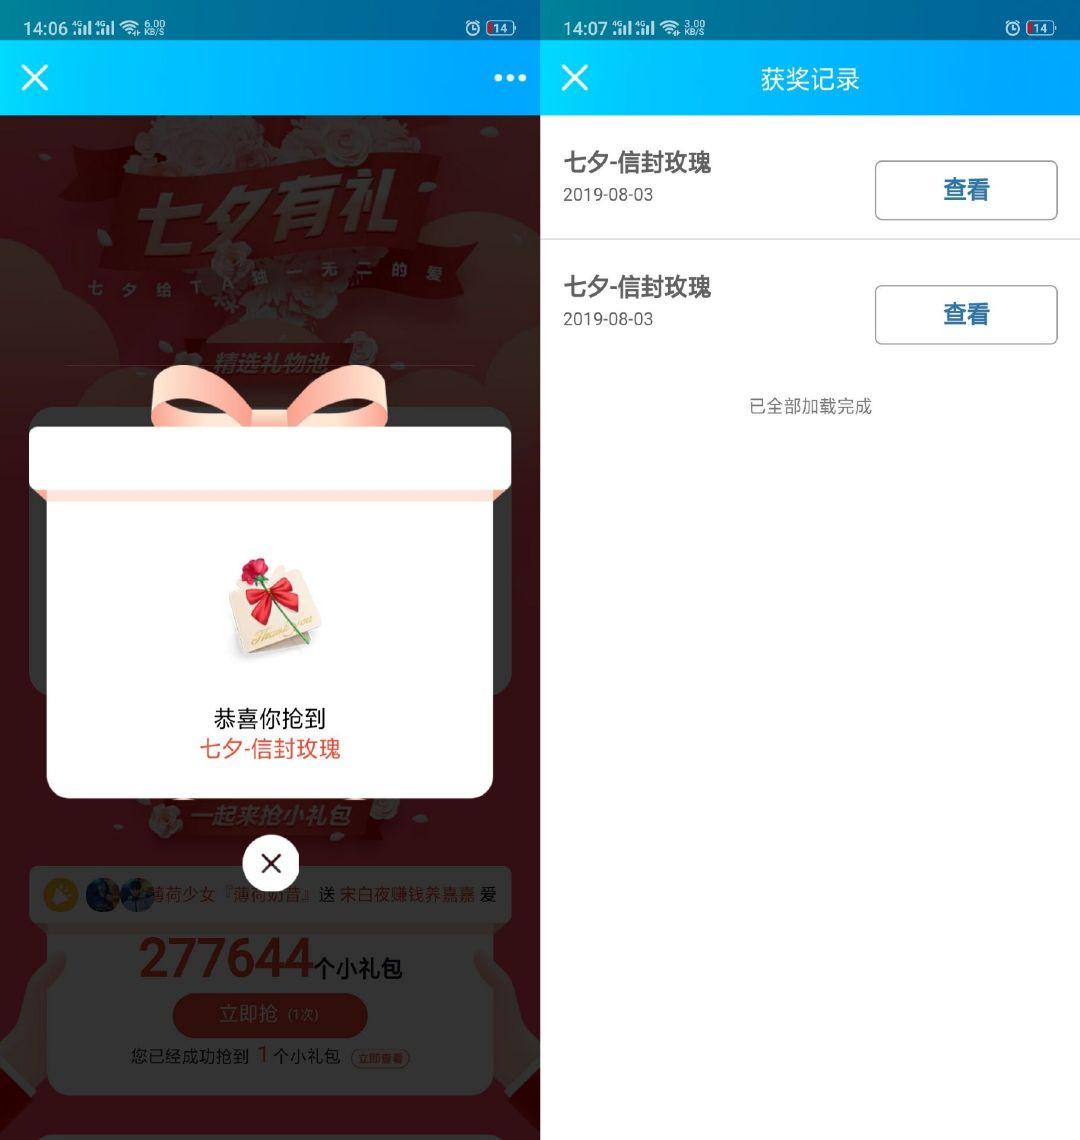 QQ免费领取情人节群虚拟礼物 限安卓用